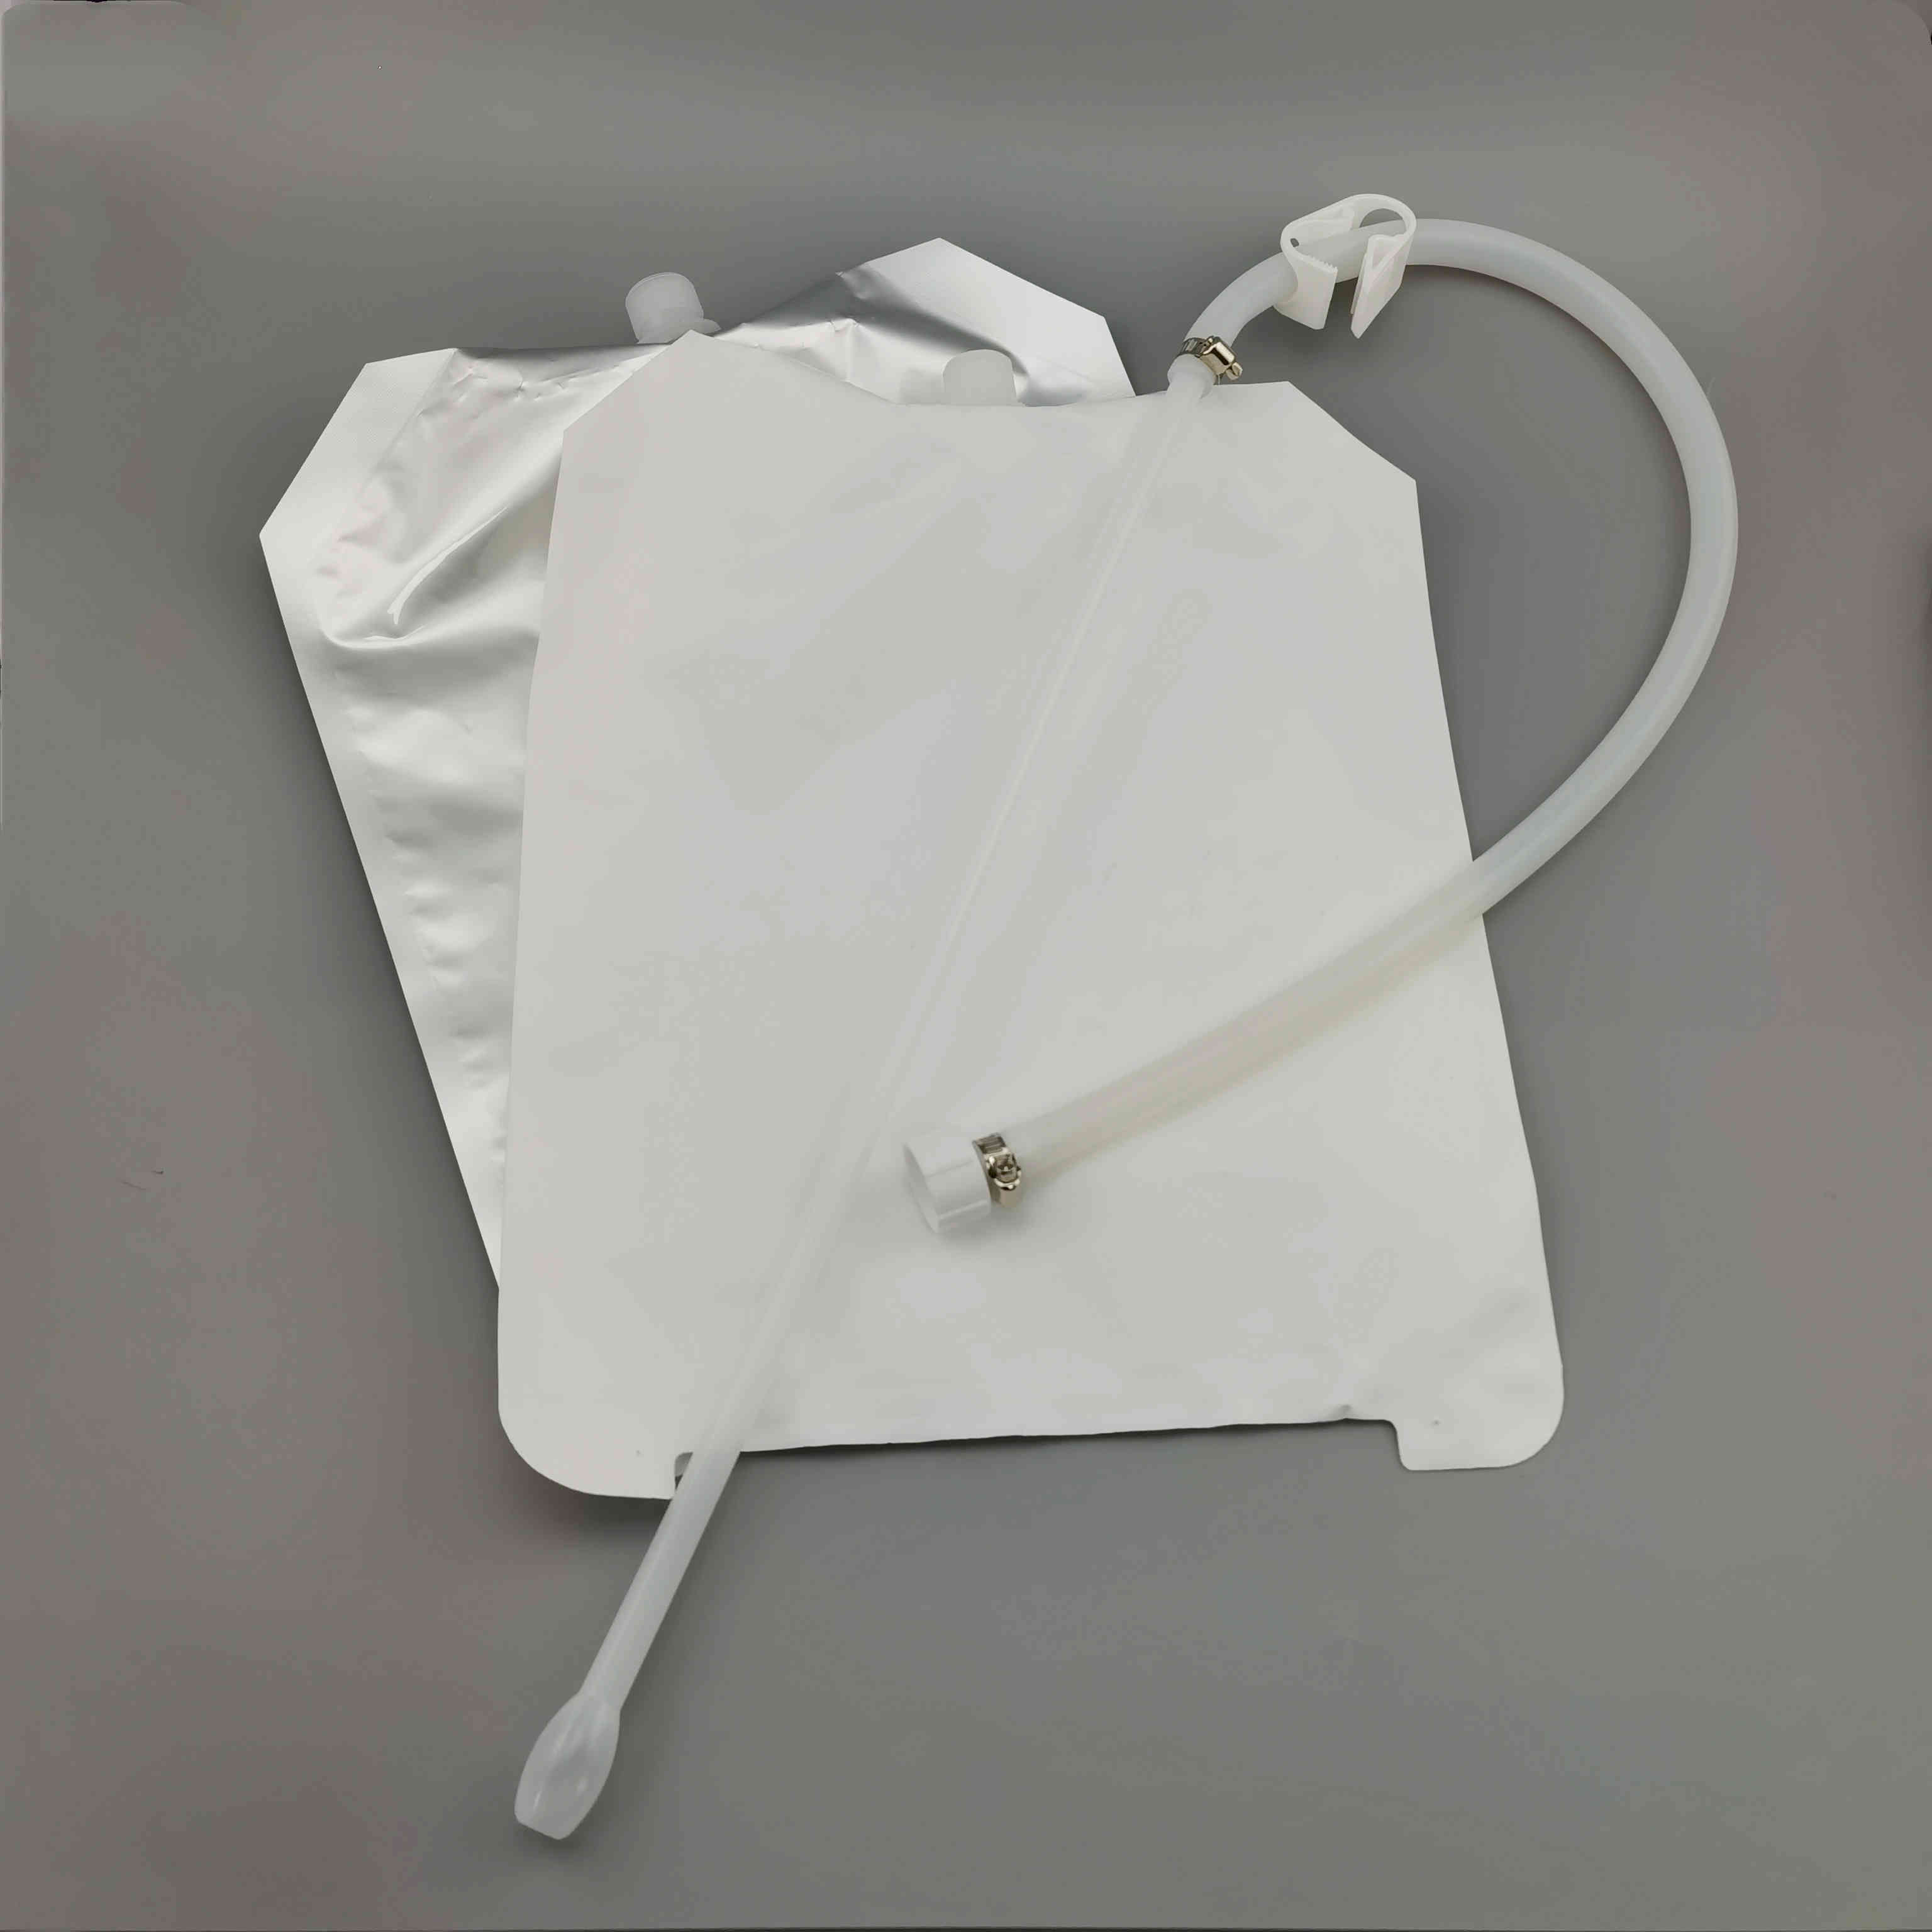 4L牛初乳袋犊牛初乳罐服导管包装袋牛奶包装内袋灌服吸嘴袋配外框